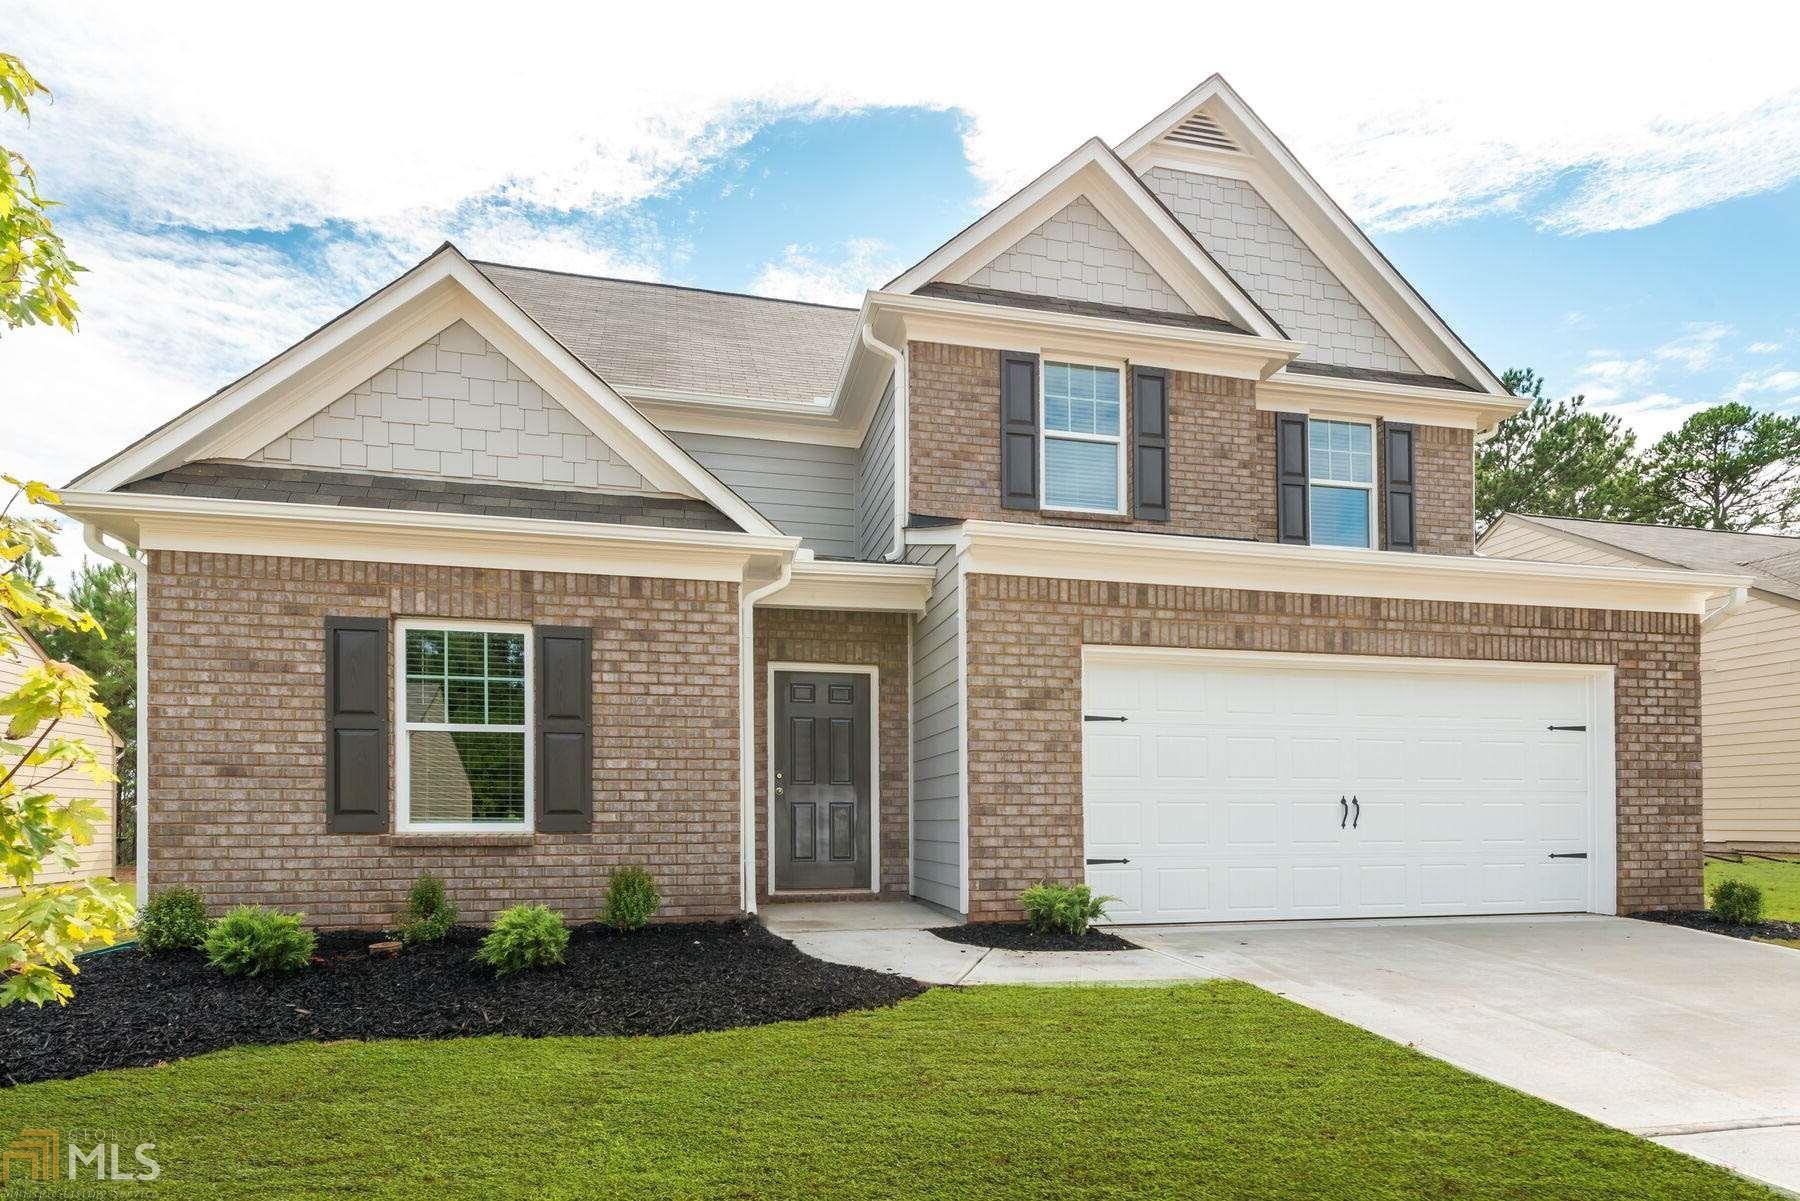 109 Cypress Point Rd, Cartersville, GA 30120 - MLS#: 8878505